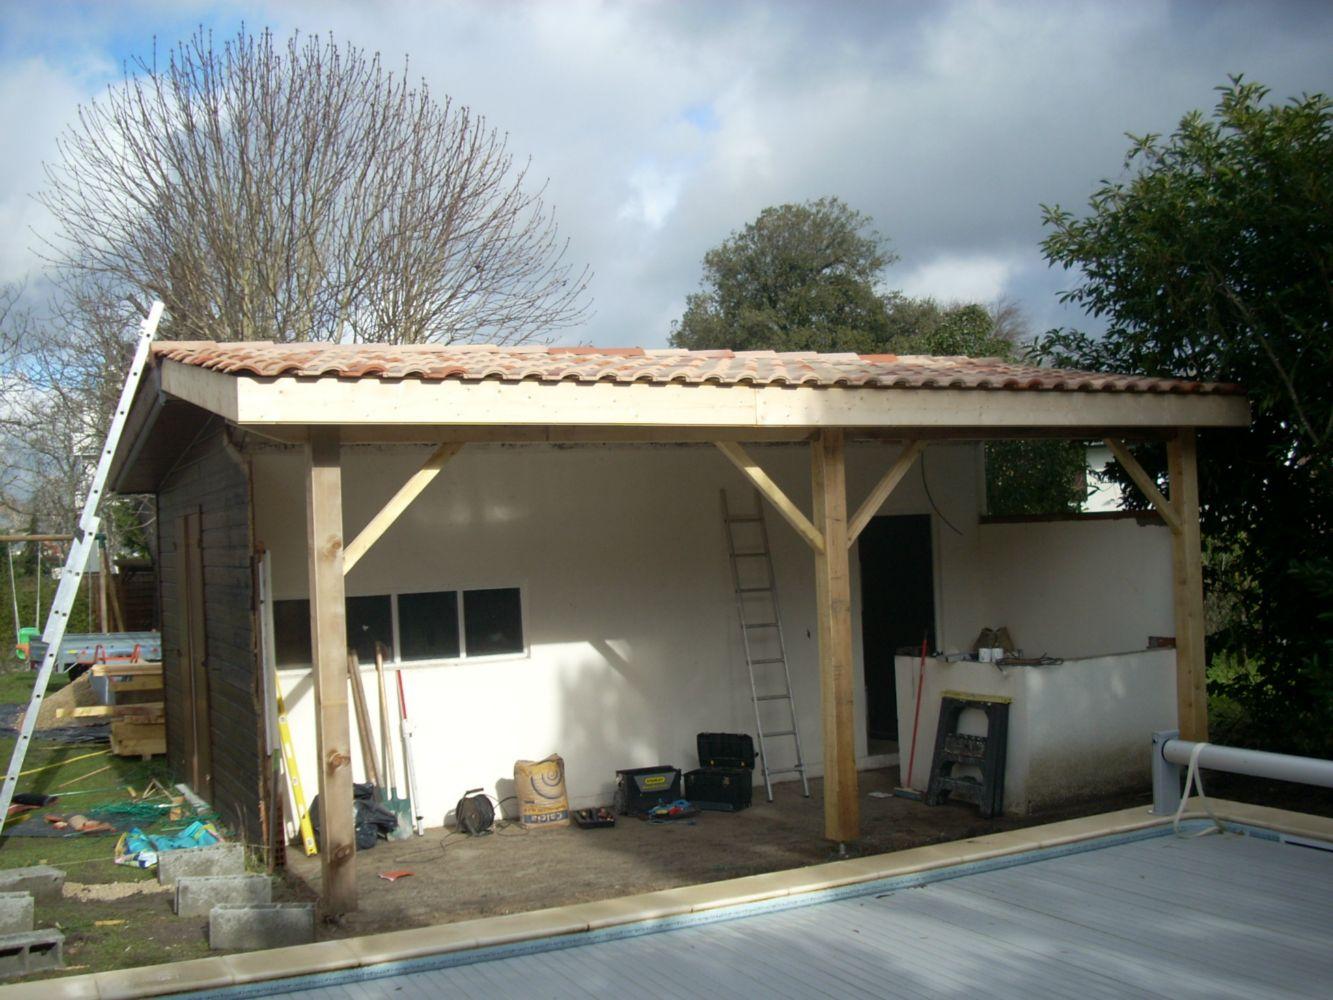 charpente pool house bois obtenez des id es de design int ressantes en utilisant. Black Bedroom Furniture Sets. Home Design Ideas